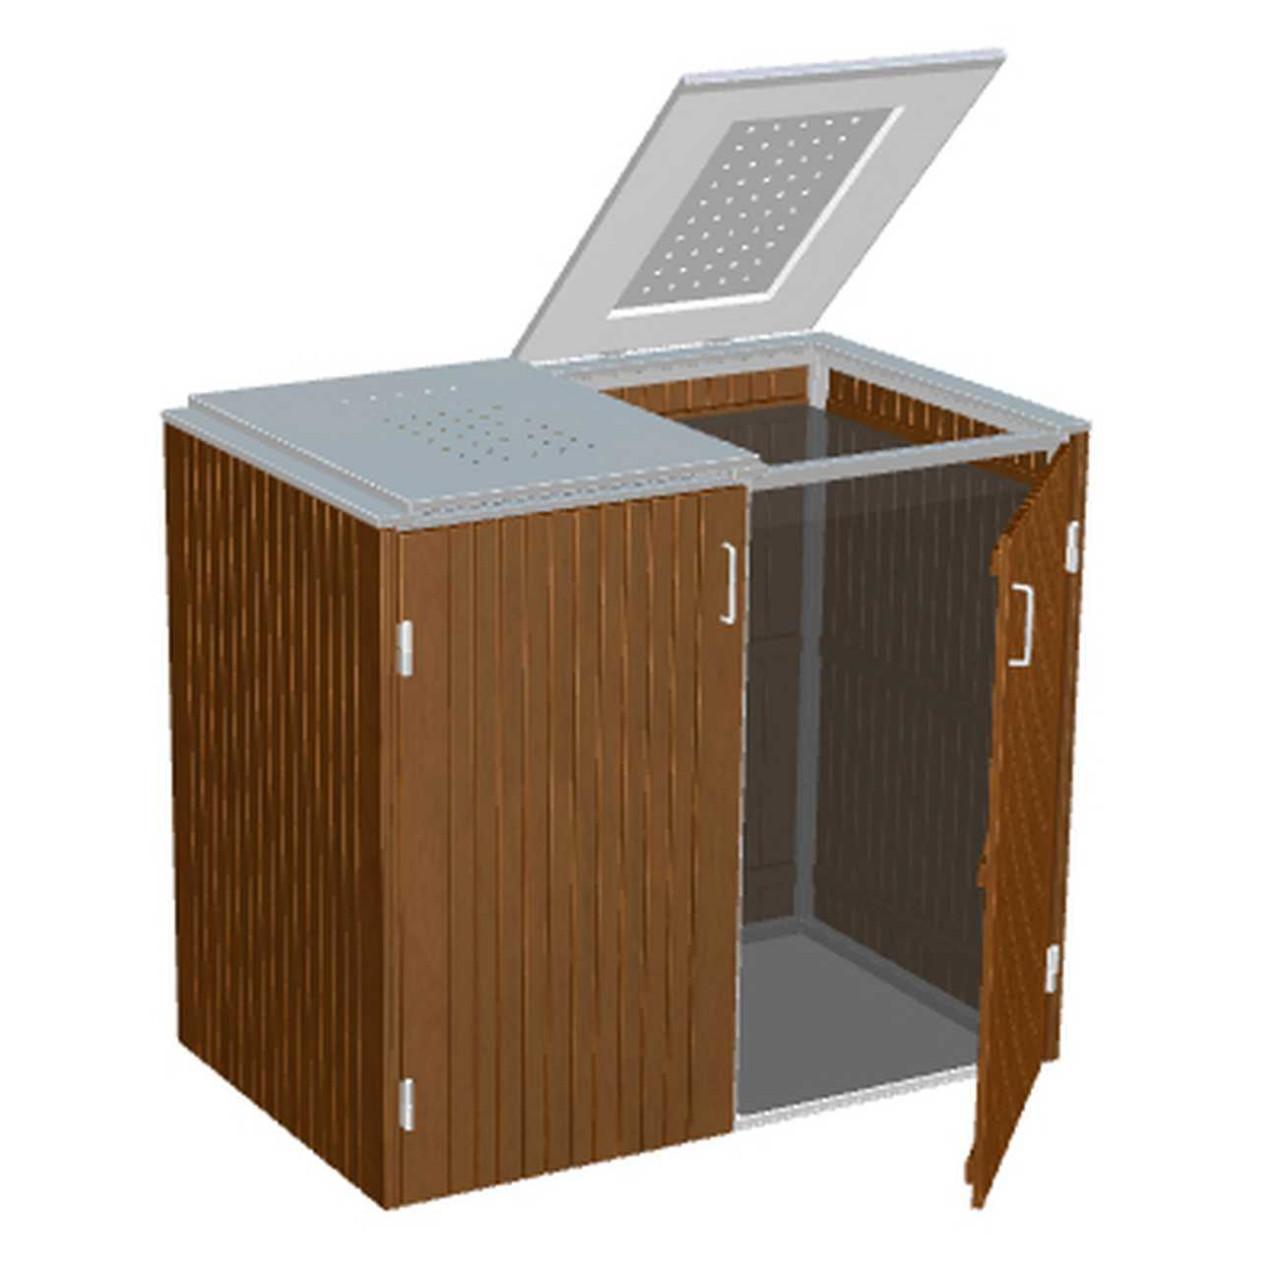 Binto Müllbox Hartholz-Verkleidung und Edelstahl-Klappdeckel